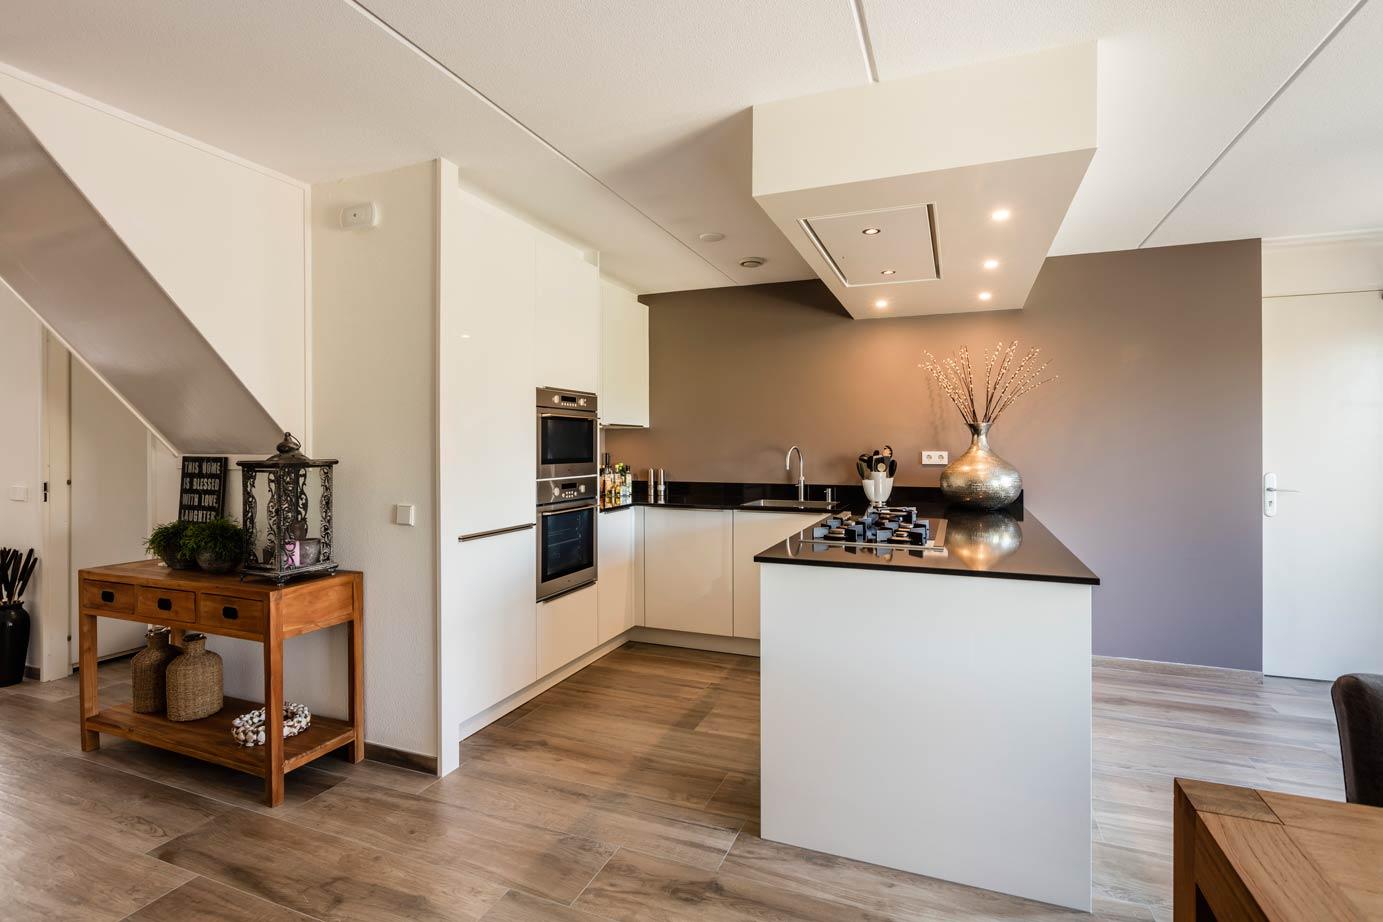 Keuken met eiland kopen in alkmaar lees deze klantervaring keur